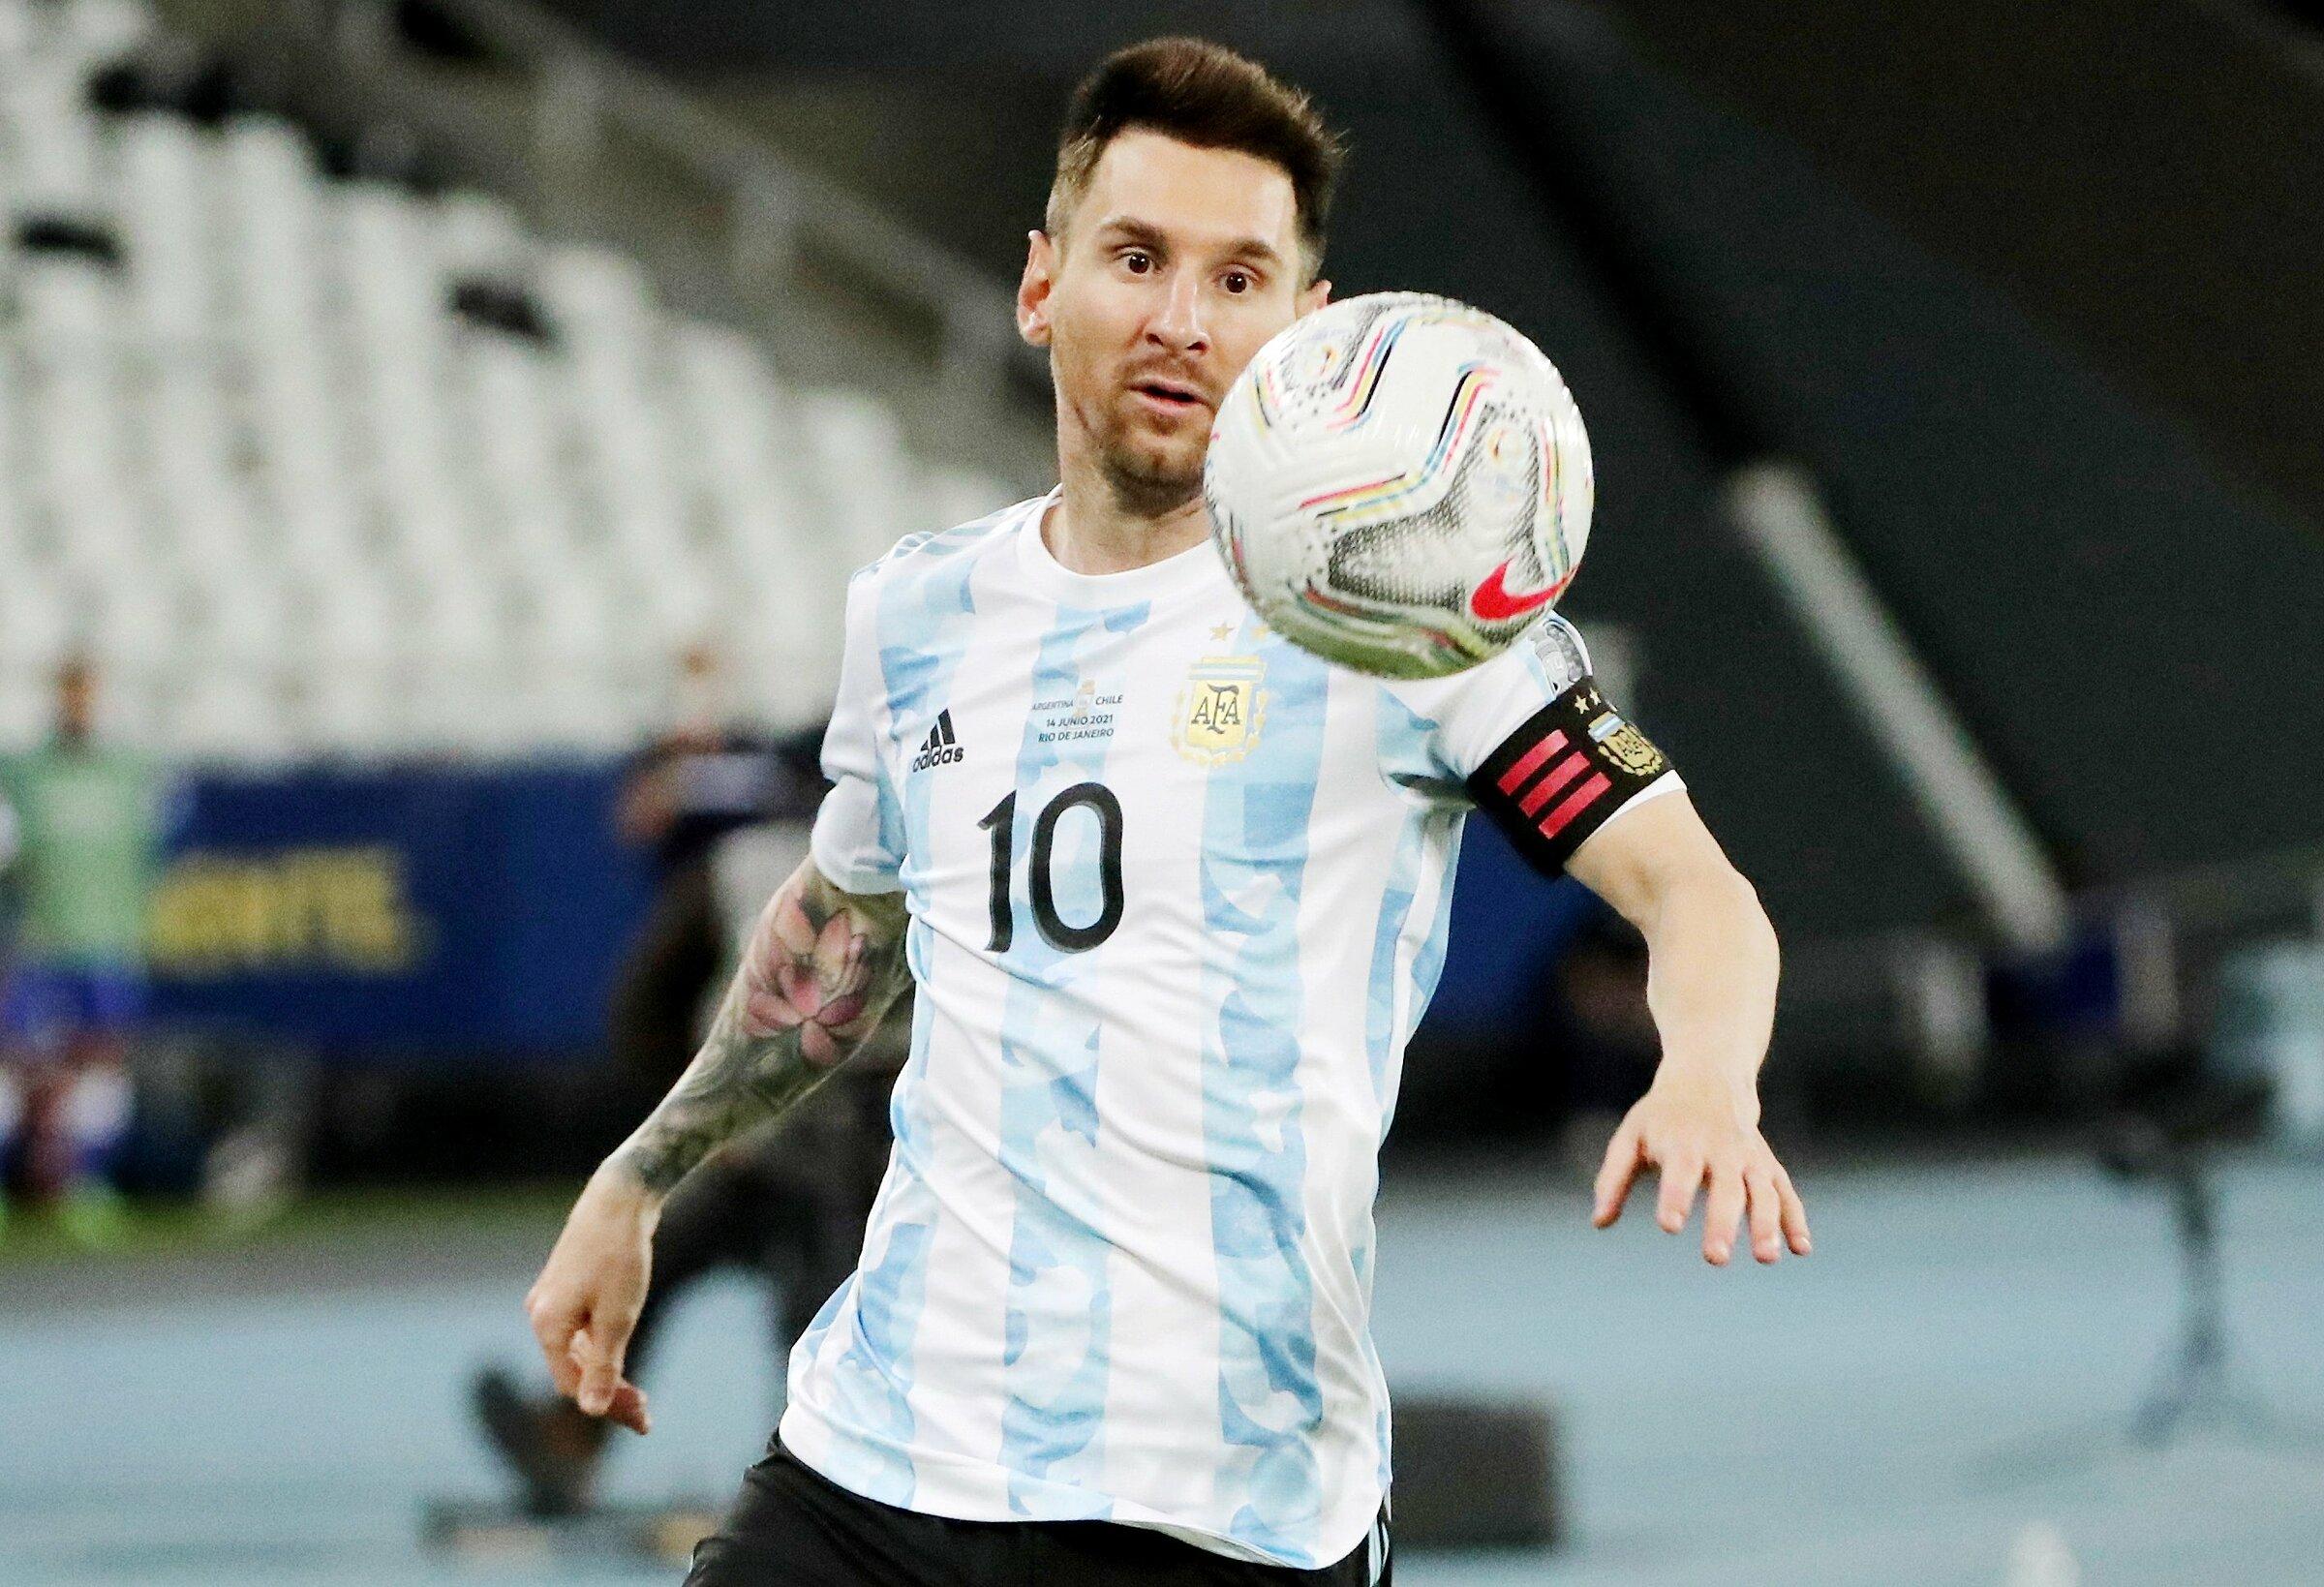 Argentina đã giành vé đi tiếp, nhưng Messi vẫn còn động lực để chiến đấu trong trận cuối vòng bảng. Ảnh: Reuters